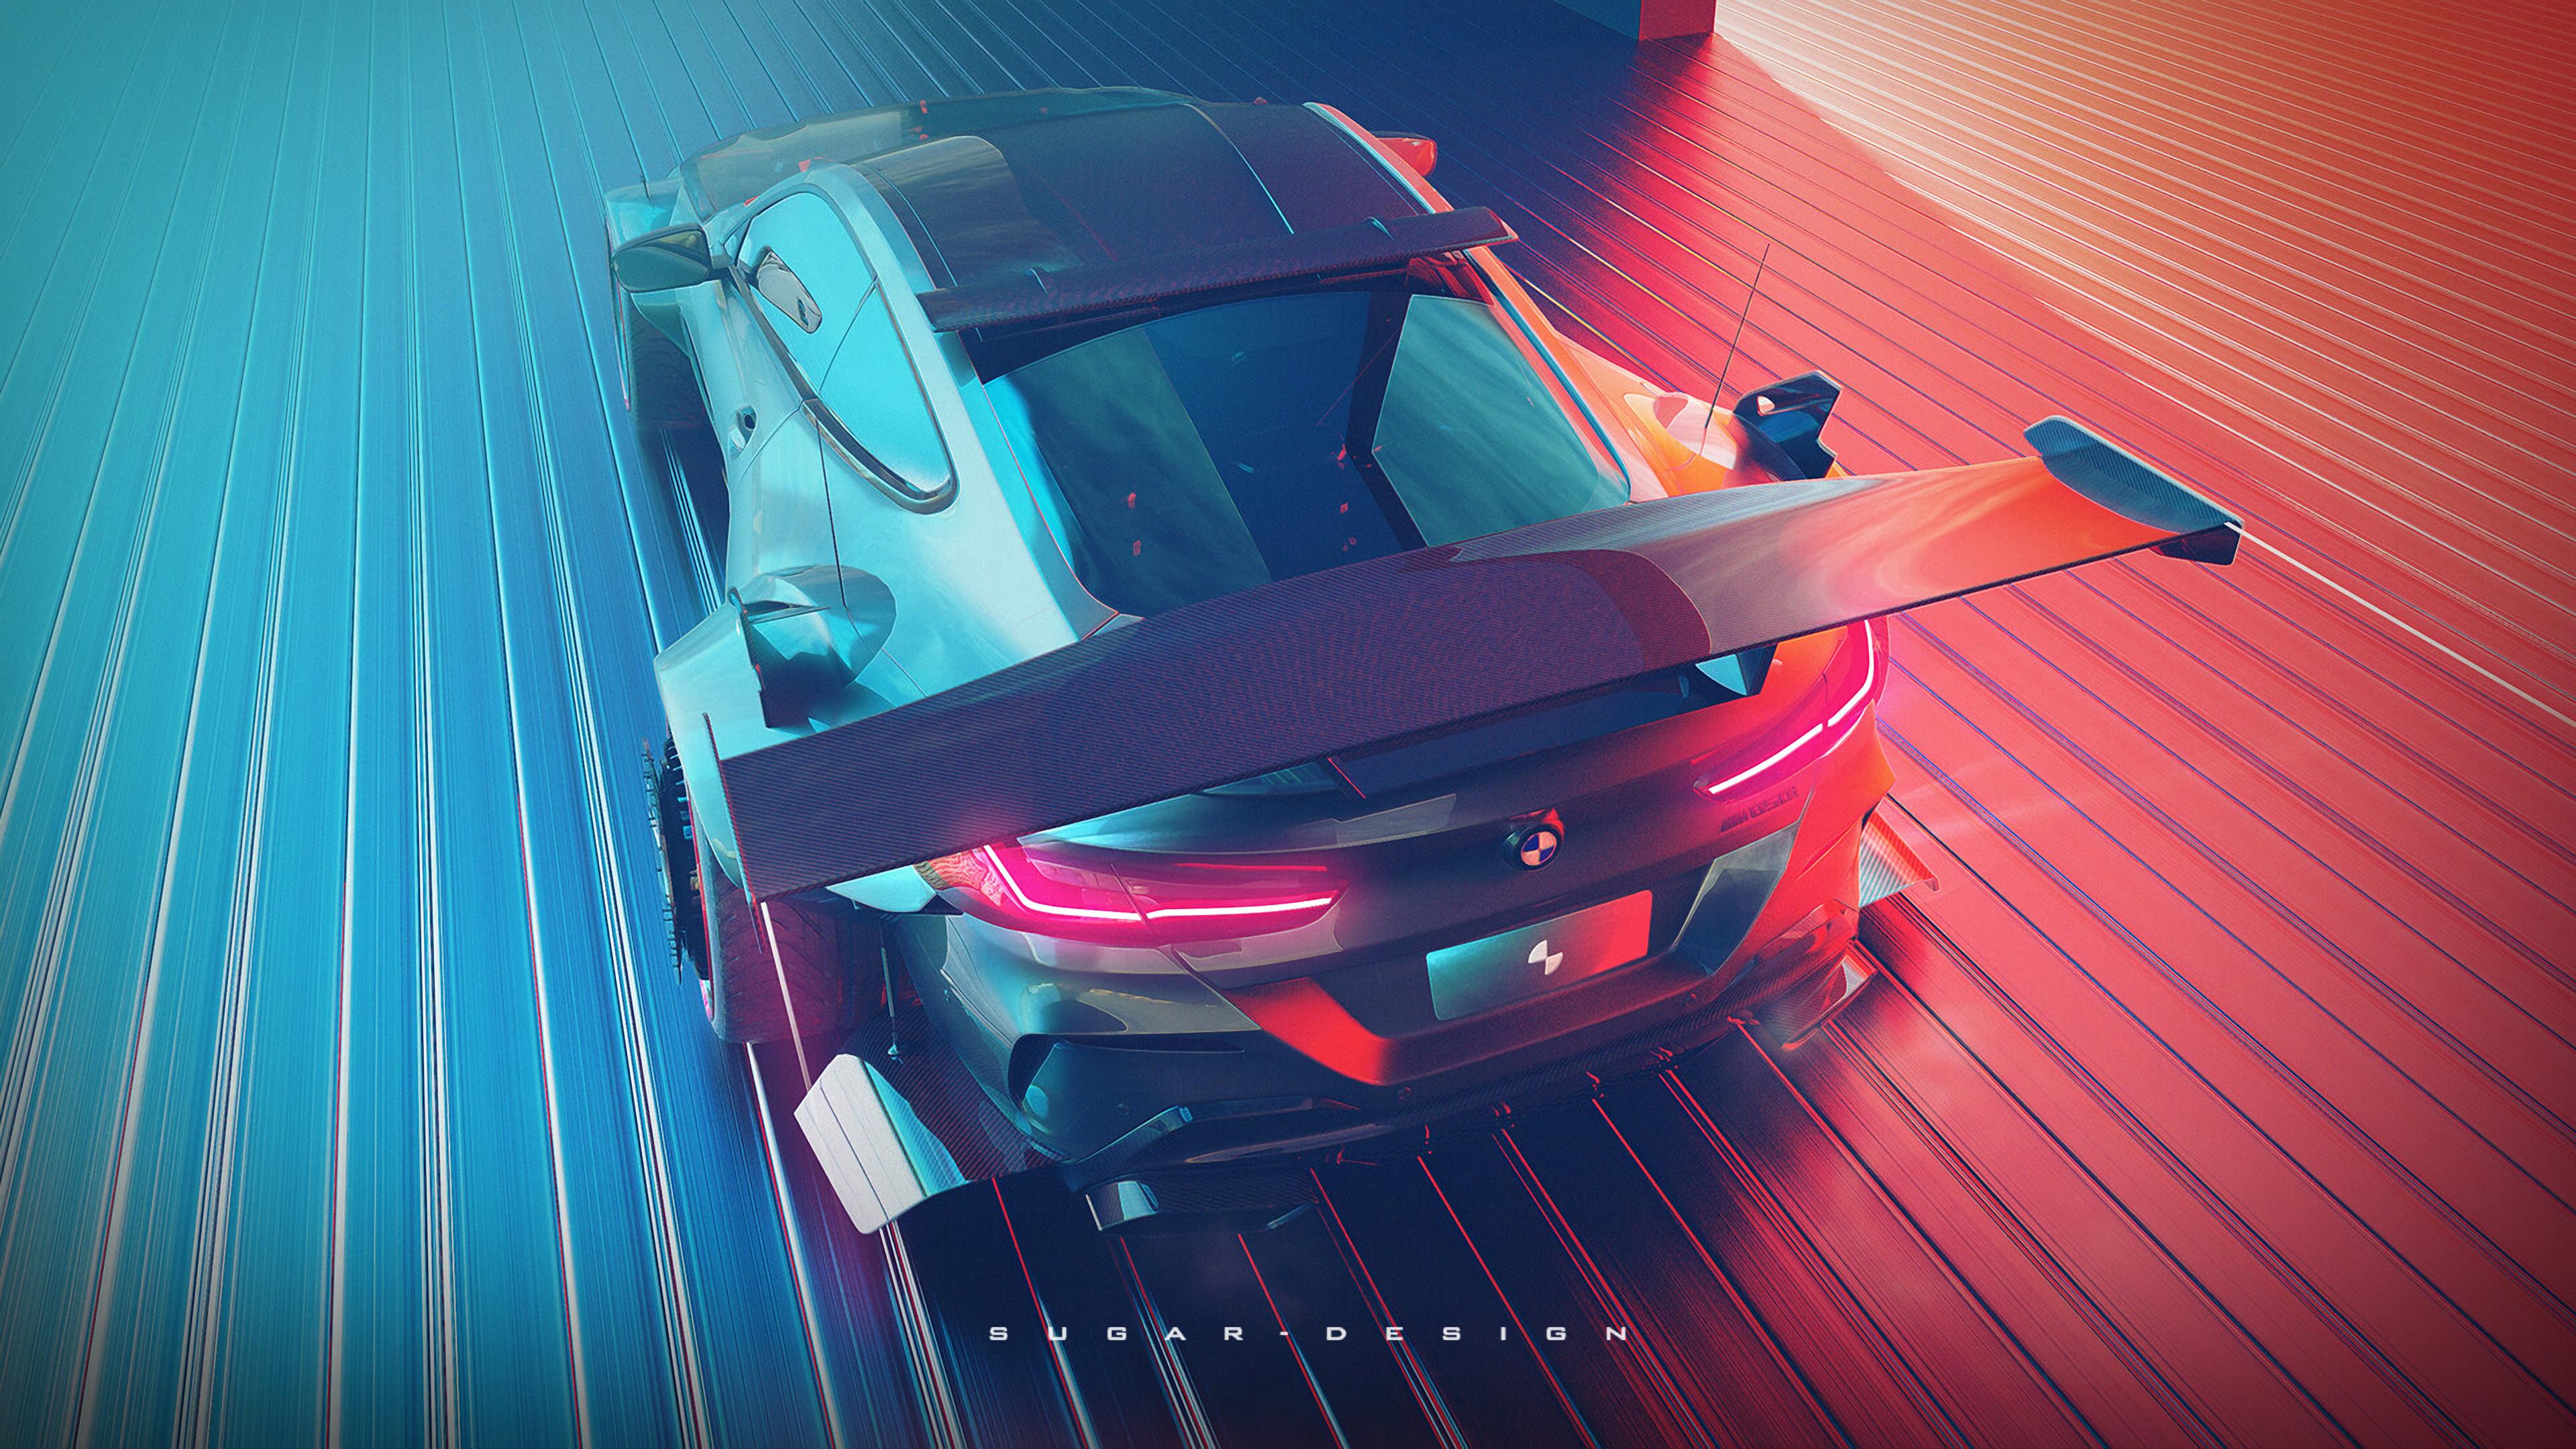 bmw m850 digital art 1569189347 - BMW M850 Digital Art - hd-wallpapers, digital art wallpapers, cars wallpapers, bmw wallpapers, artwork wallpapers, artstation wallpapers, artist wallpapers, 4k-wallpapers